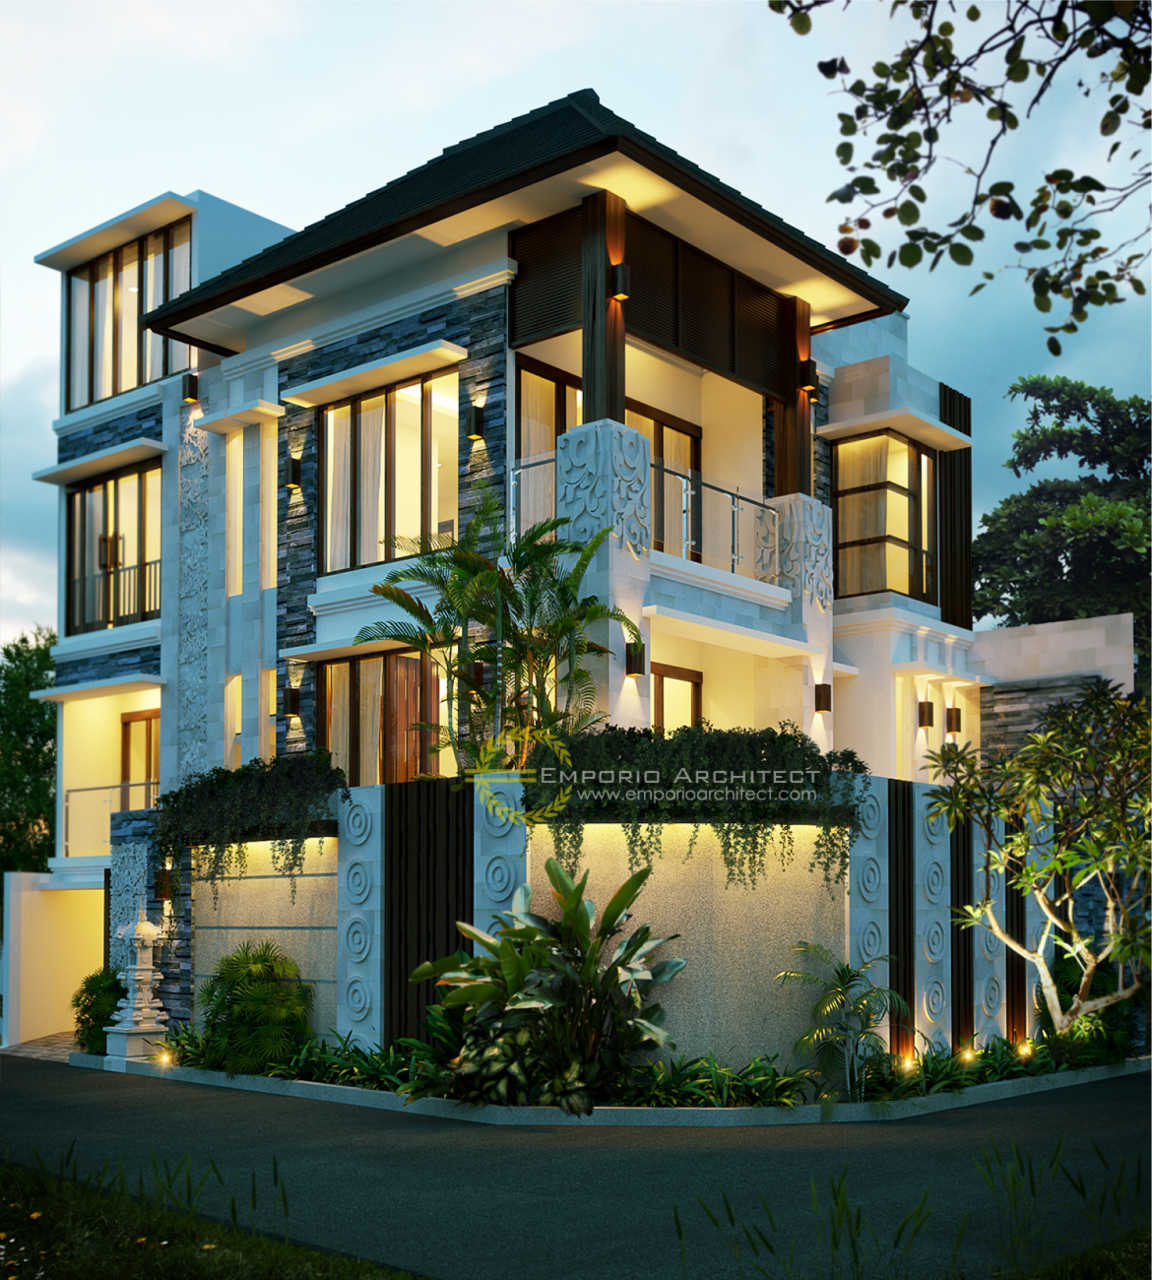 Desain Rumah Villa Bali 3 Lantai Ibu Ketut Nuriati Di